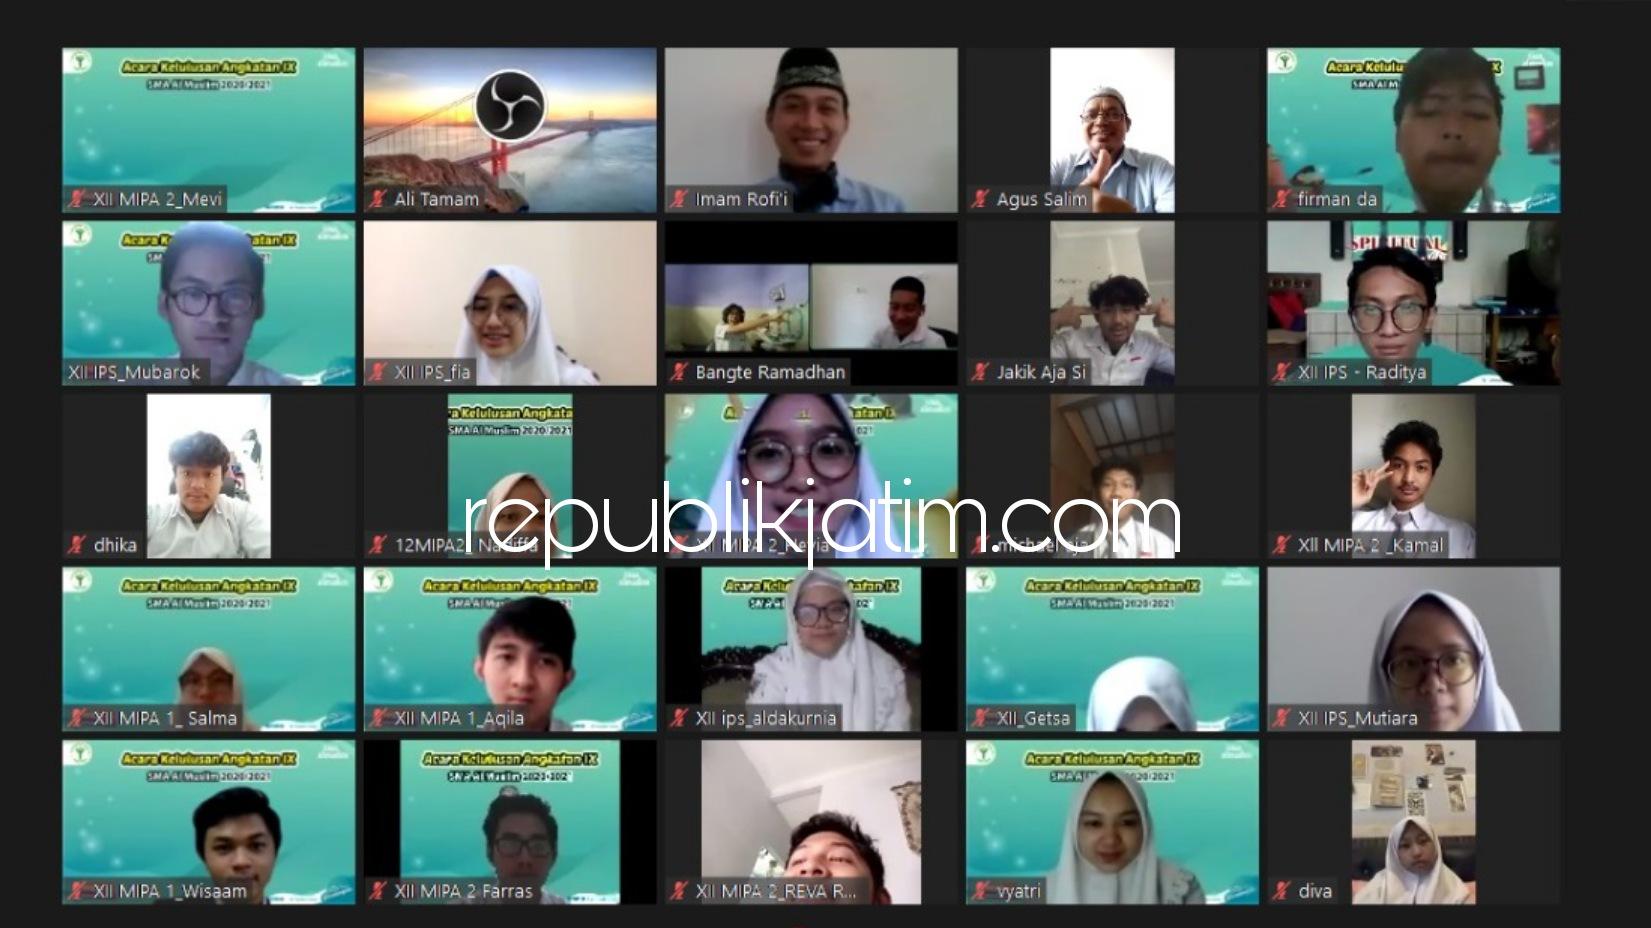 Lulus Memuaskan, Siswa Siswi SMA Al Muslim Bantu Kedua Orang tua, Bikin Video Perjalanan 3 Tahun di Sekolah